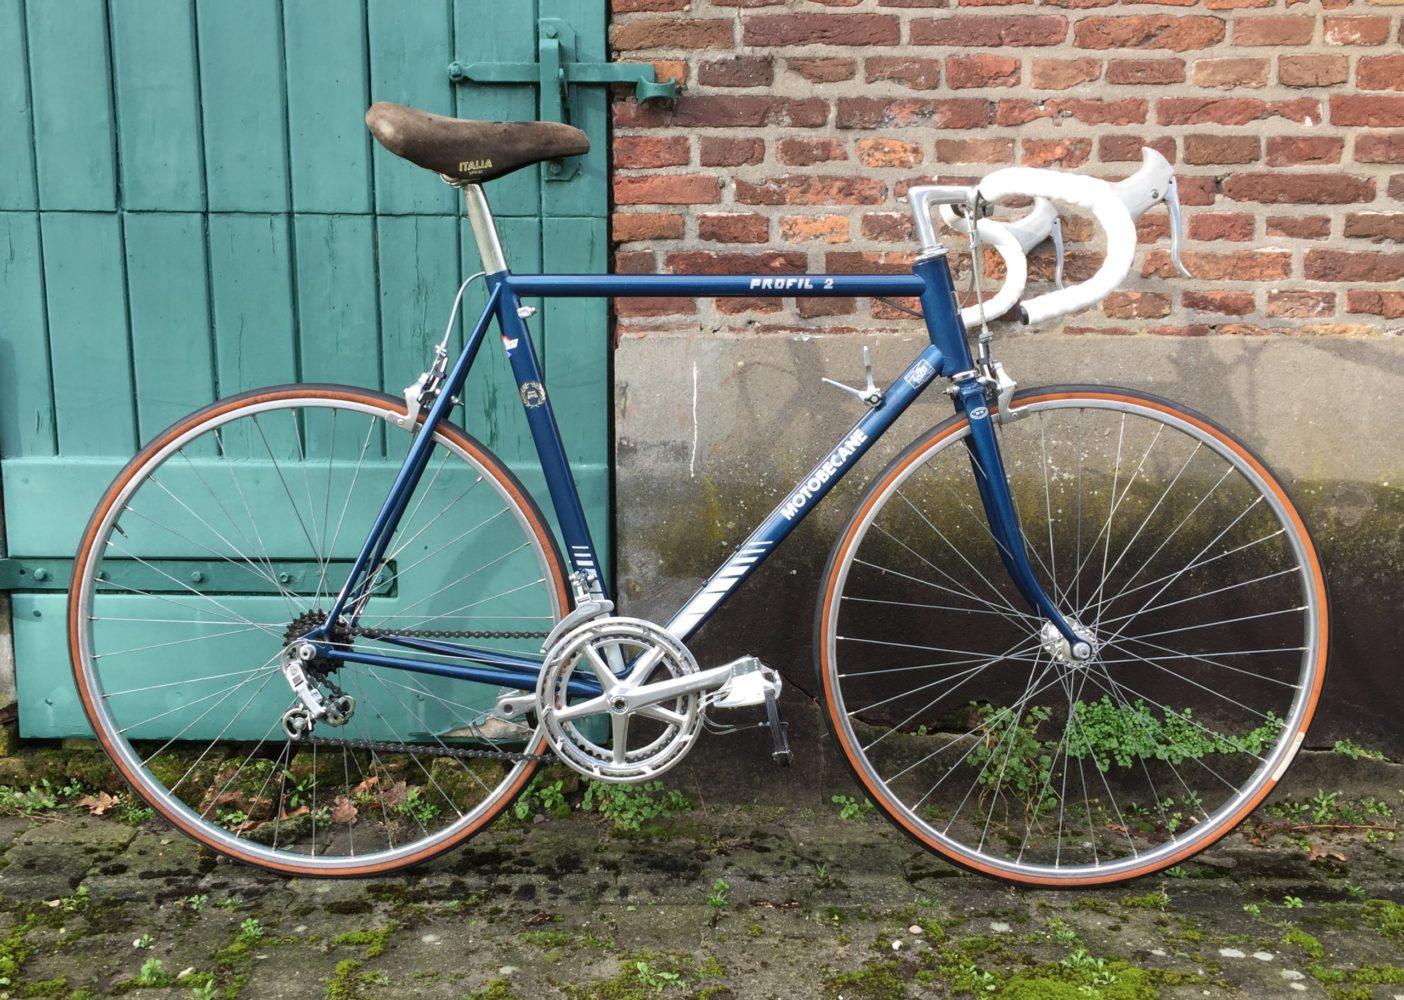 Motobecane Profil 2 Vintage Fietsfabriek